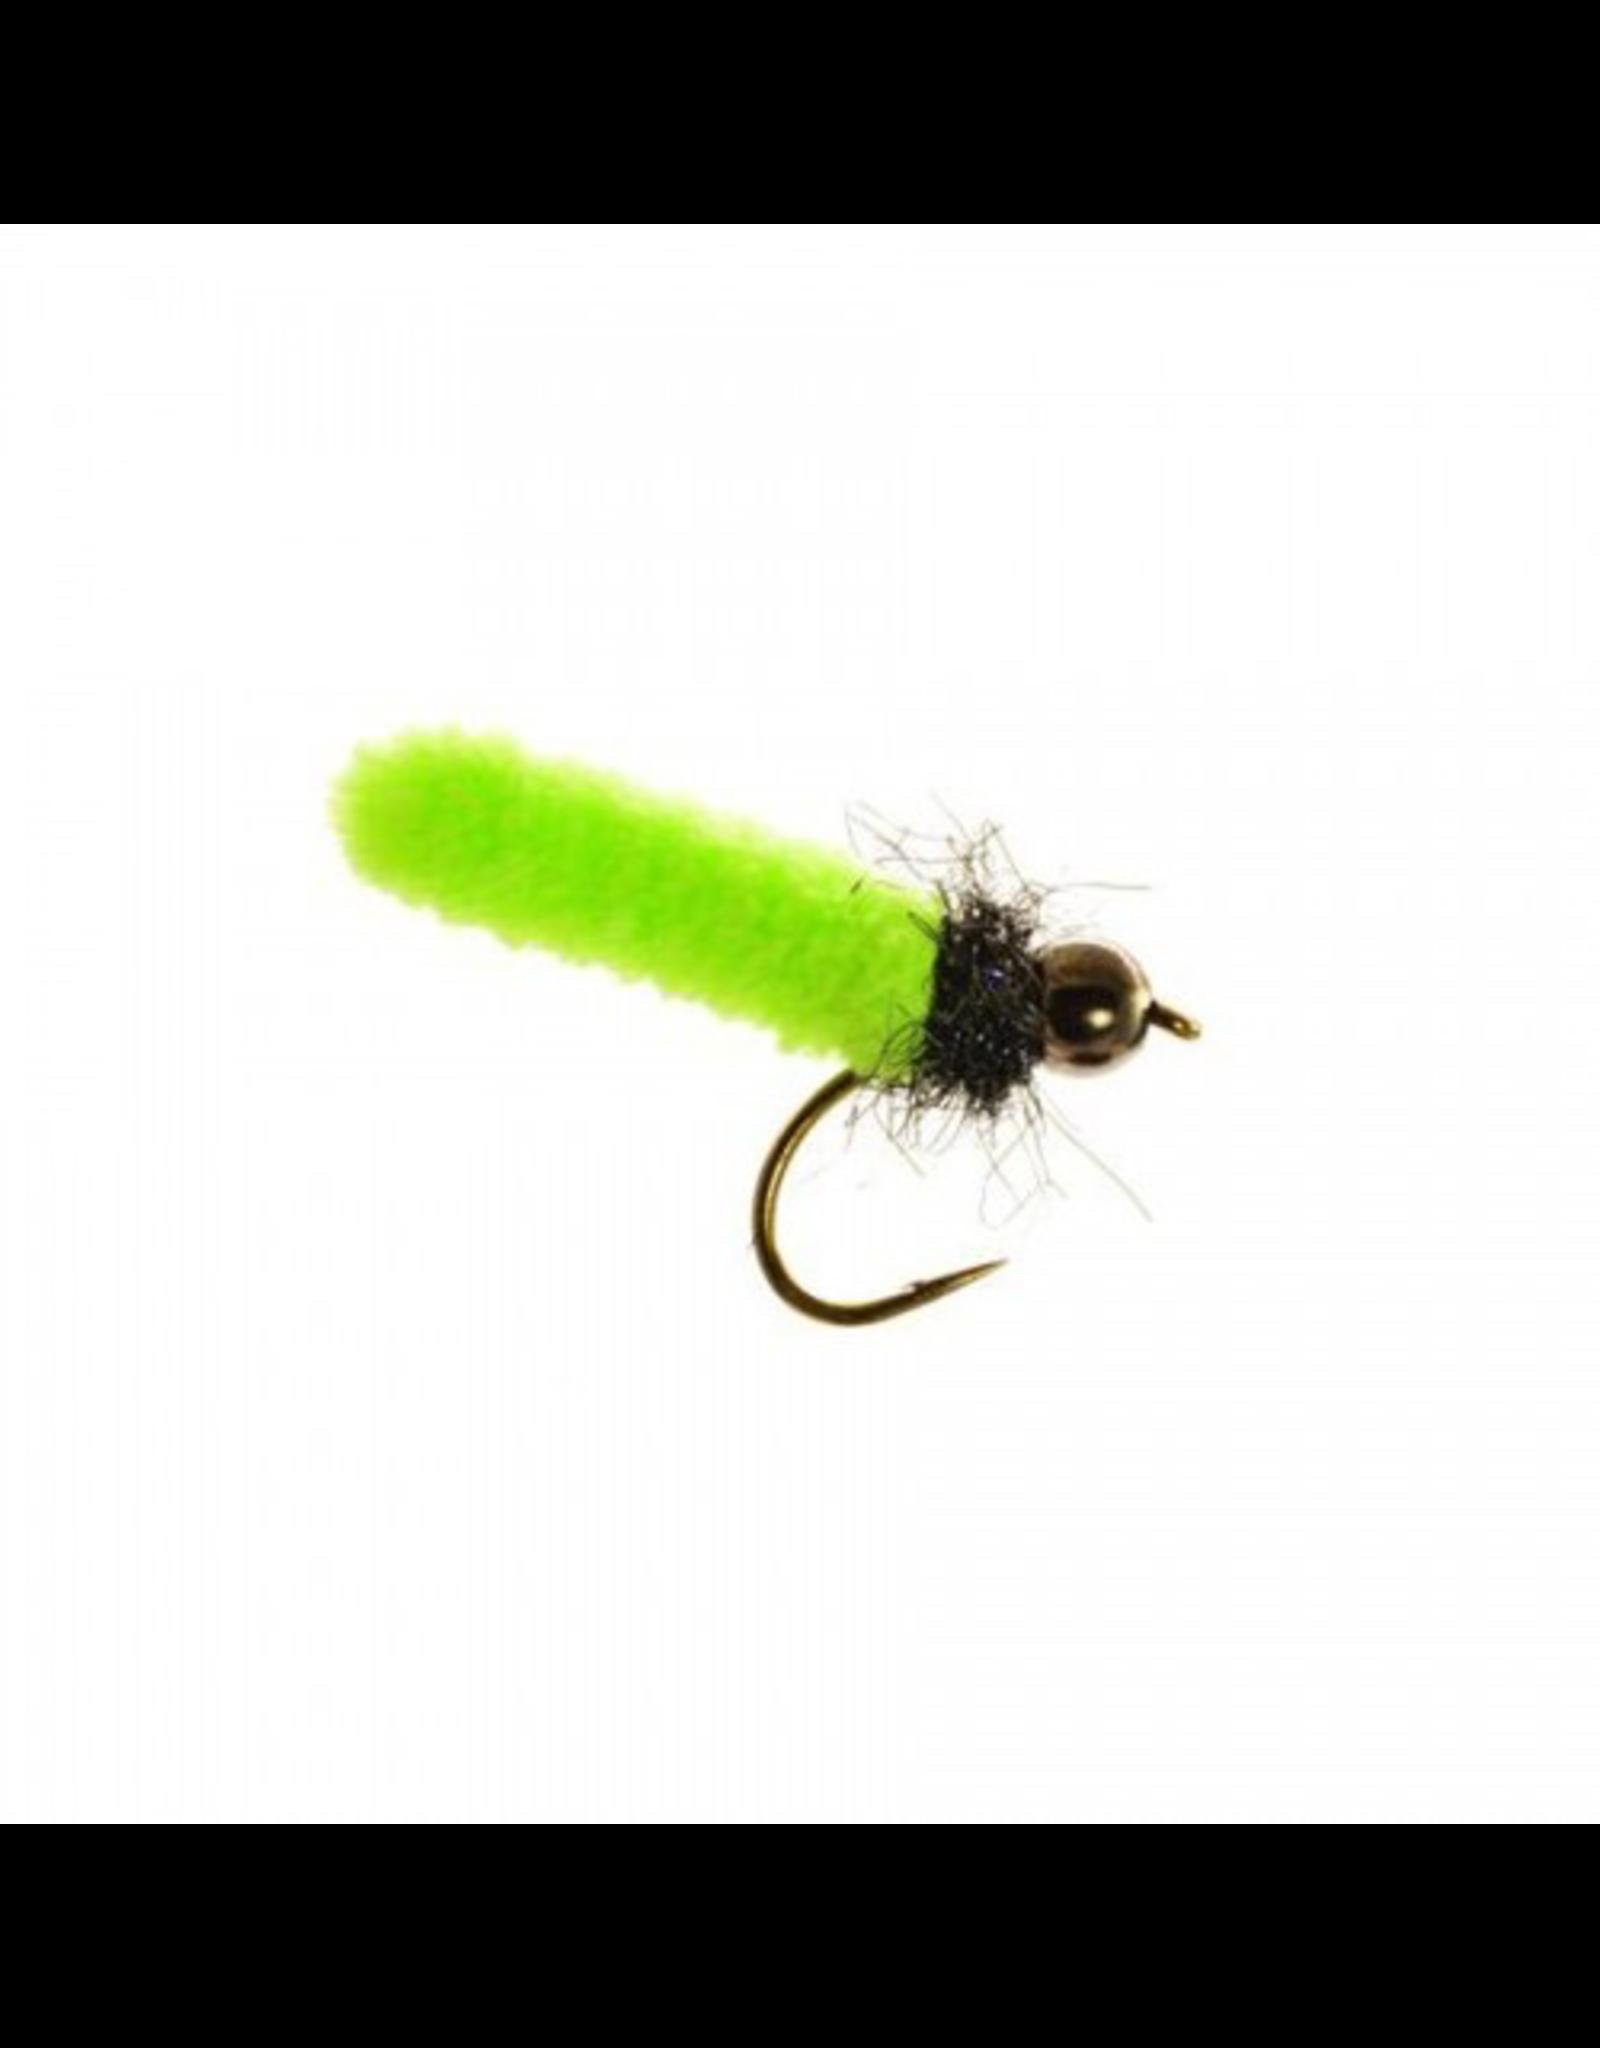 Umpqua Umpqua Mini Mop Fly Chartreuse 16 (3 Pack)